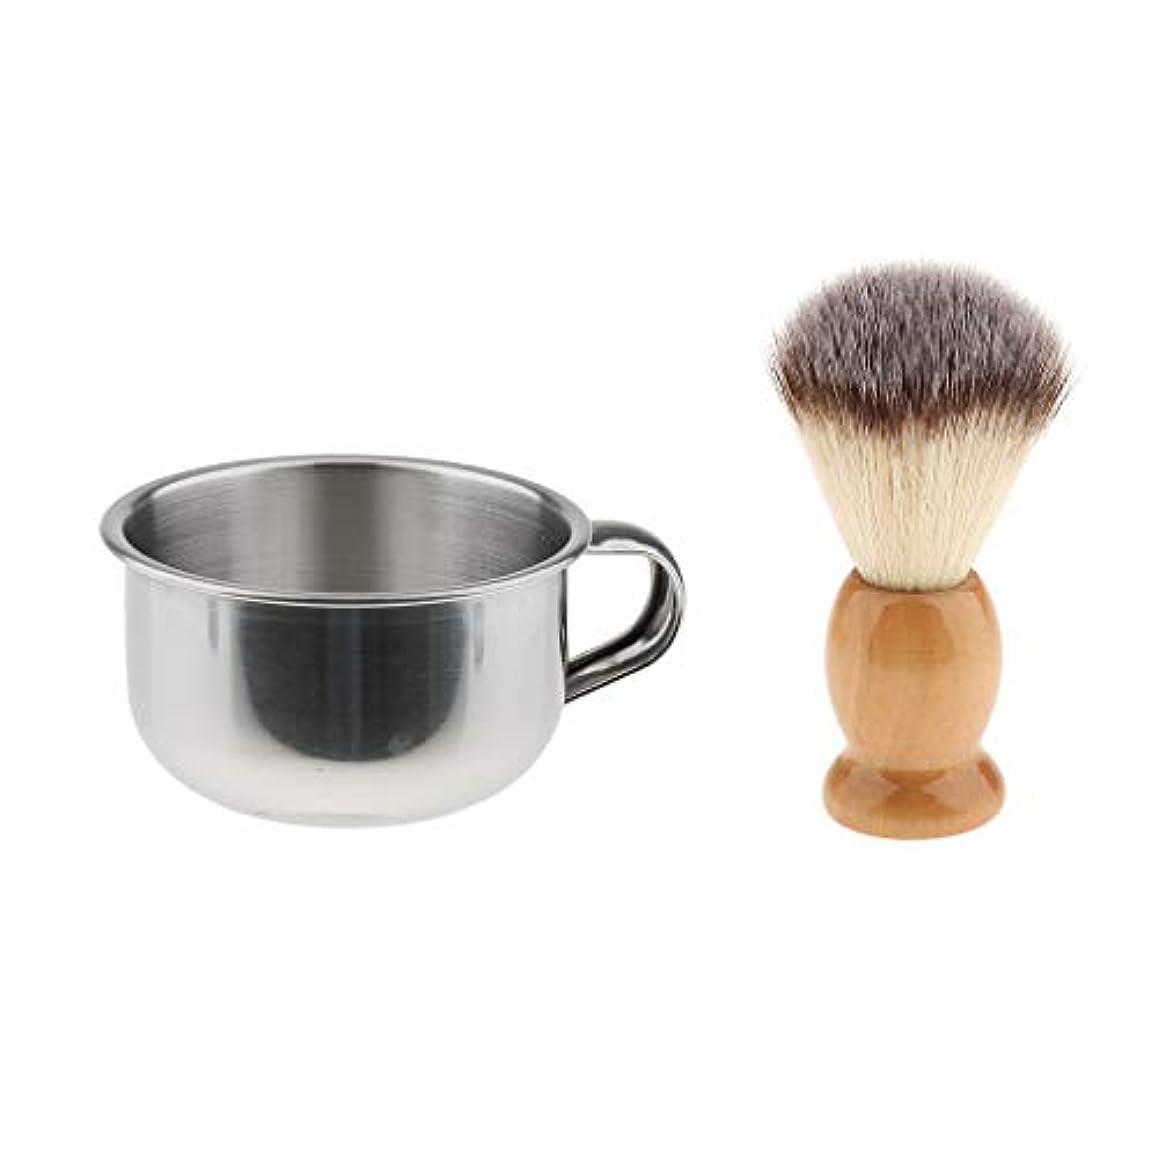 仕立て屋篭褐色dailymall 2pcsの男性のひげの毛づくろうの木のシェービングブラシボウルのマグカップセット